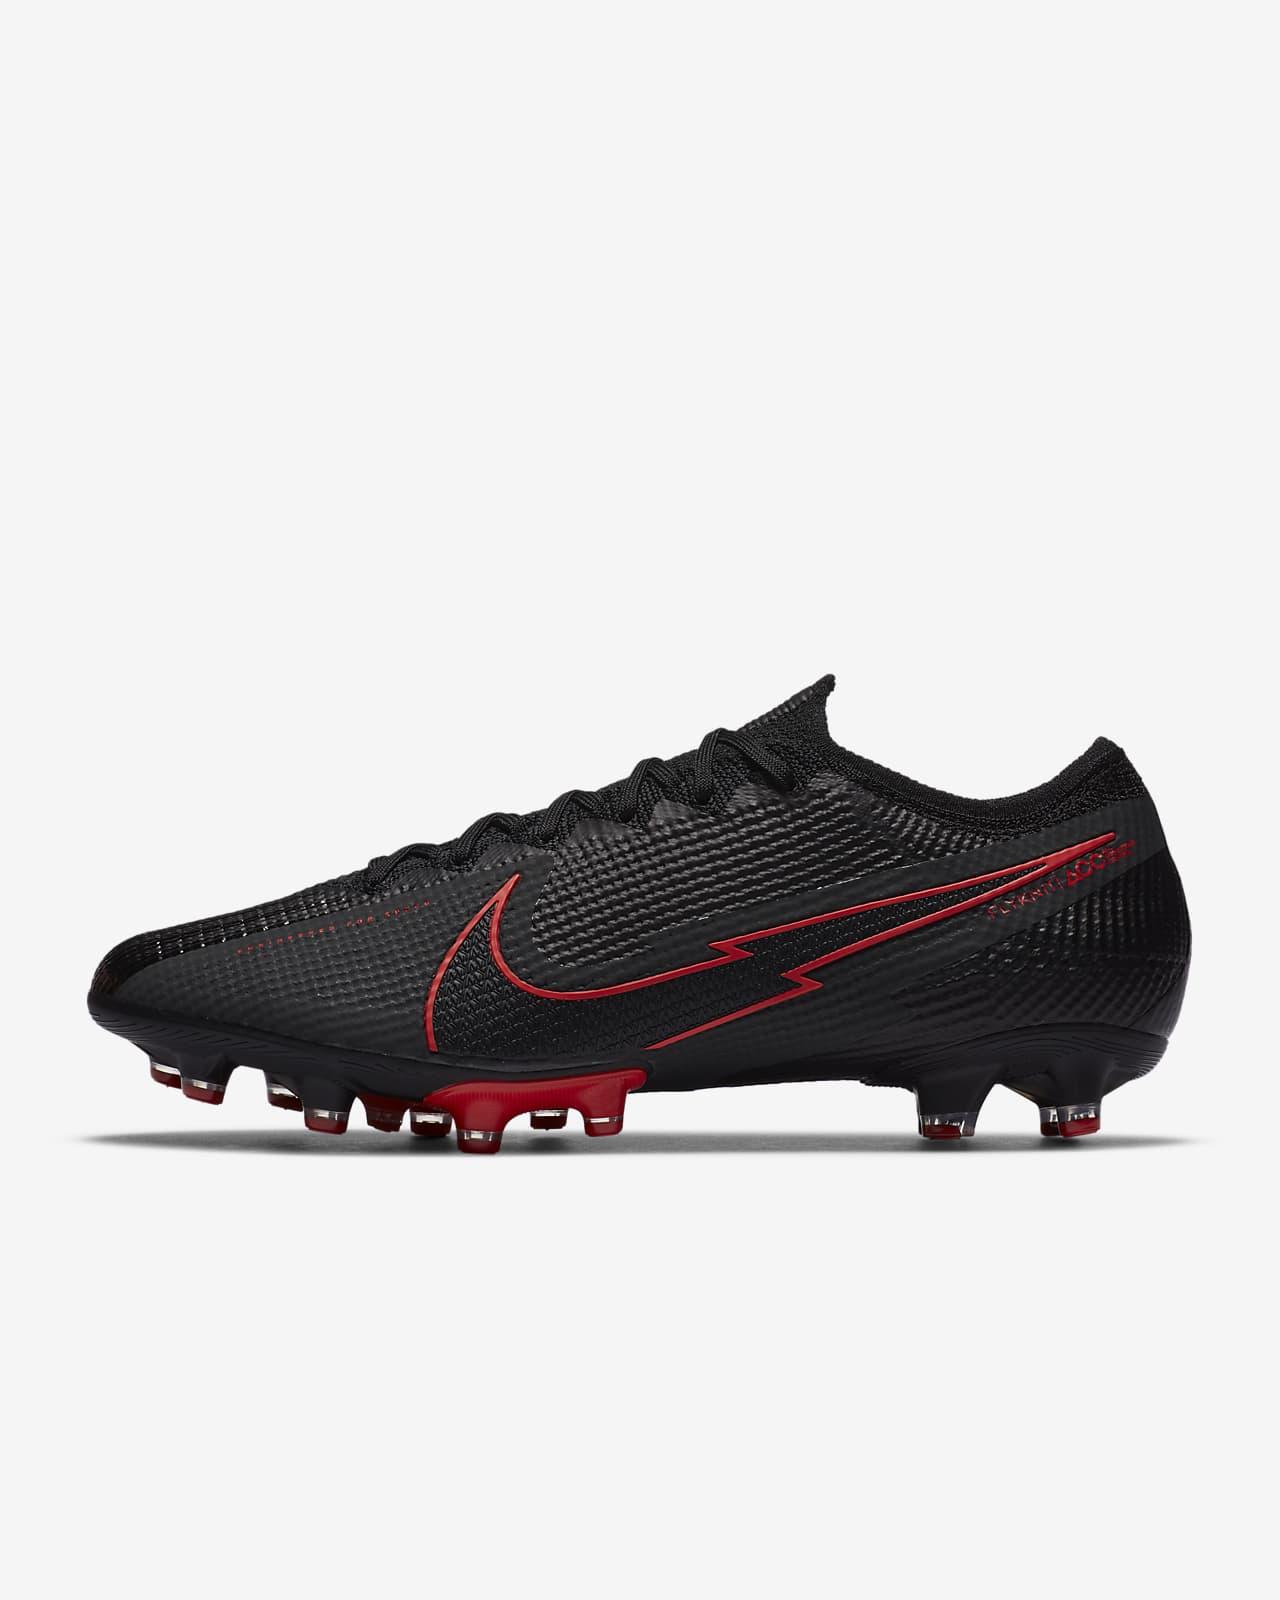 Calzado de fútbol para pasto artificial Nike Mercurial Vapor 13 Elite AG-PRO